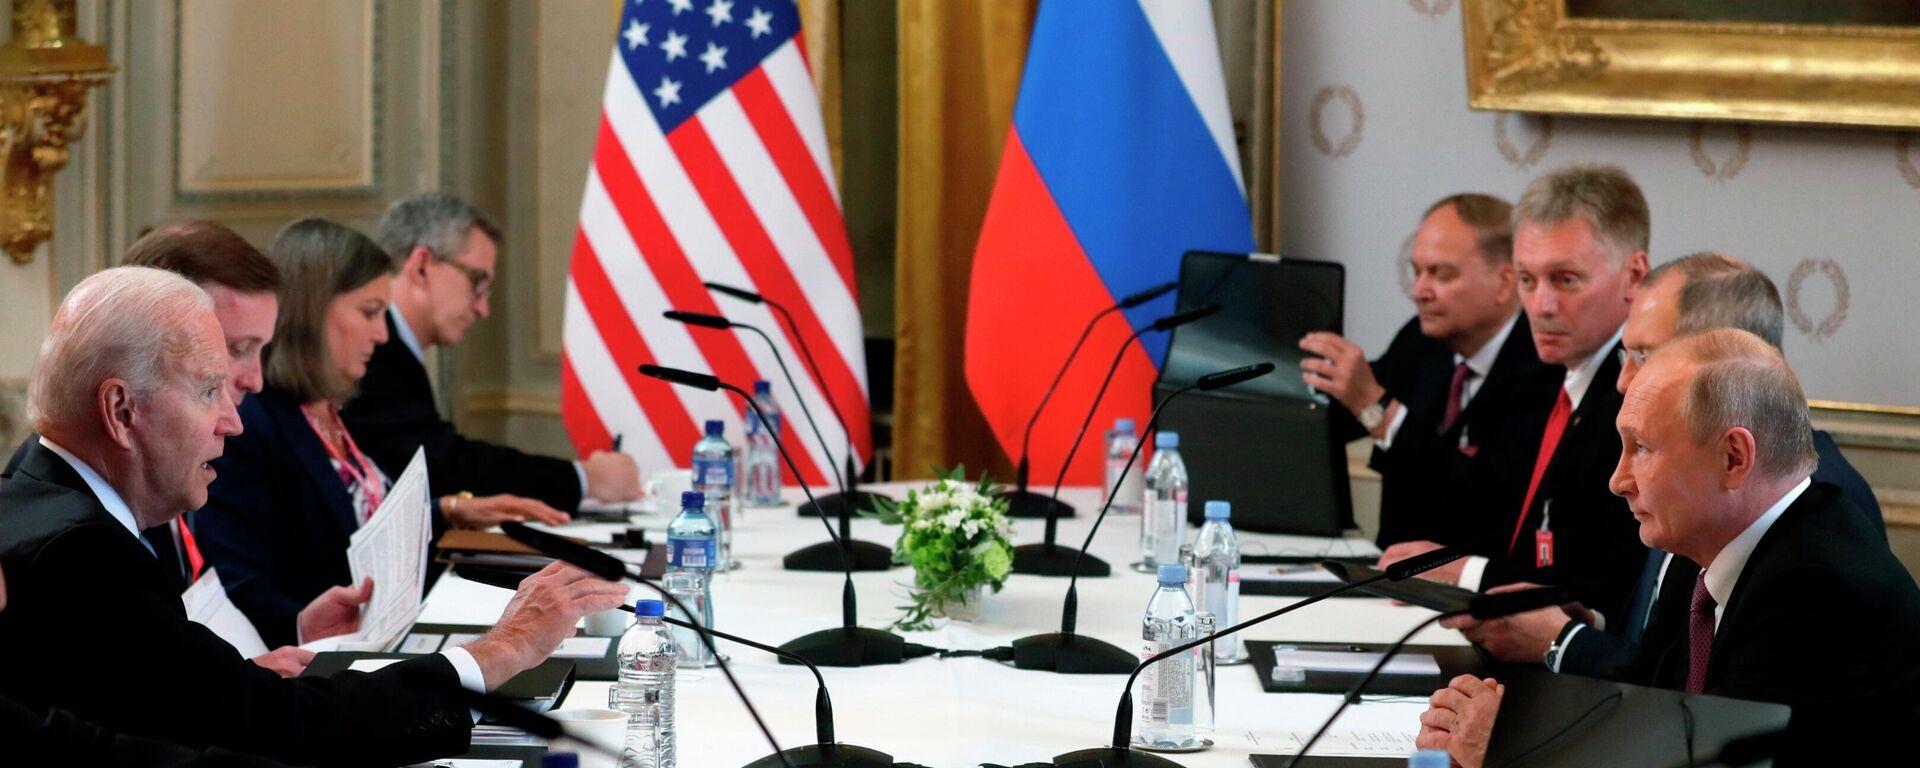 Участники российско-американских переговоров в расширенном составе на саммите в Женеве - Sputnik Латвия, 1920, 17.06.2021